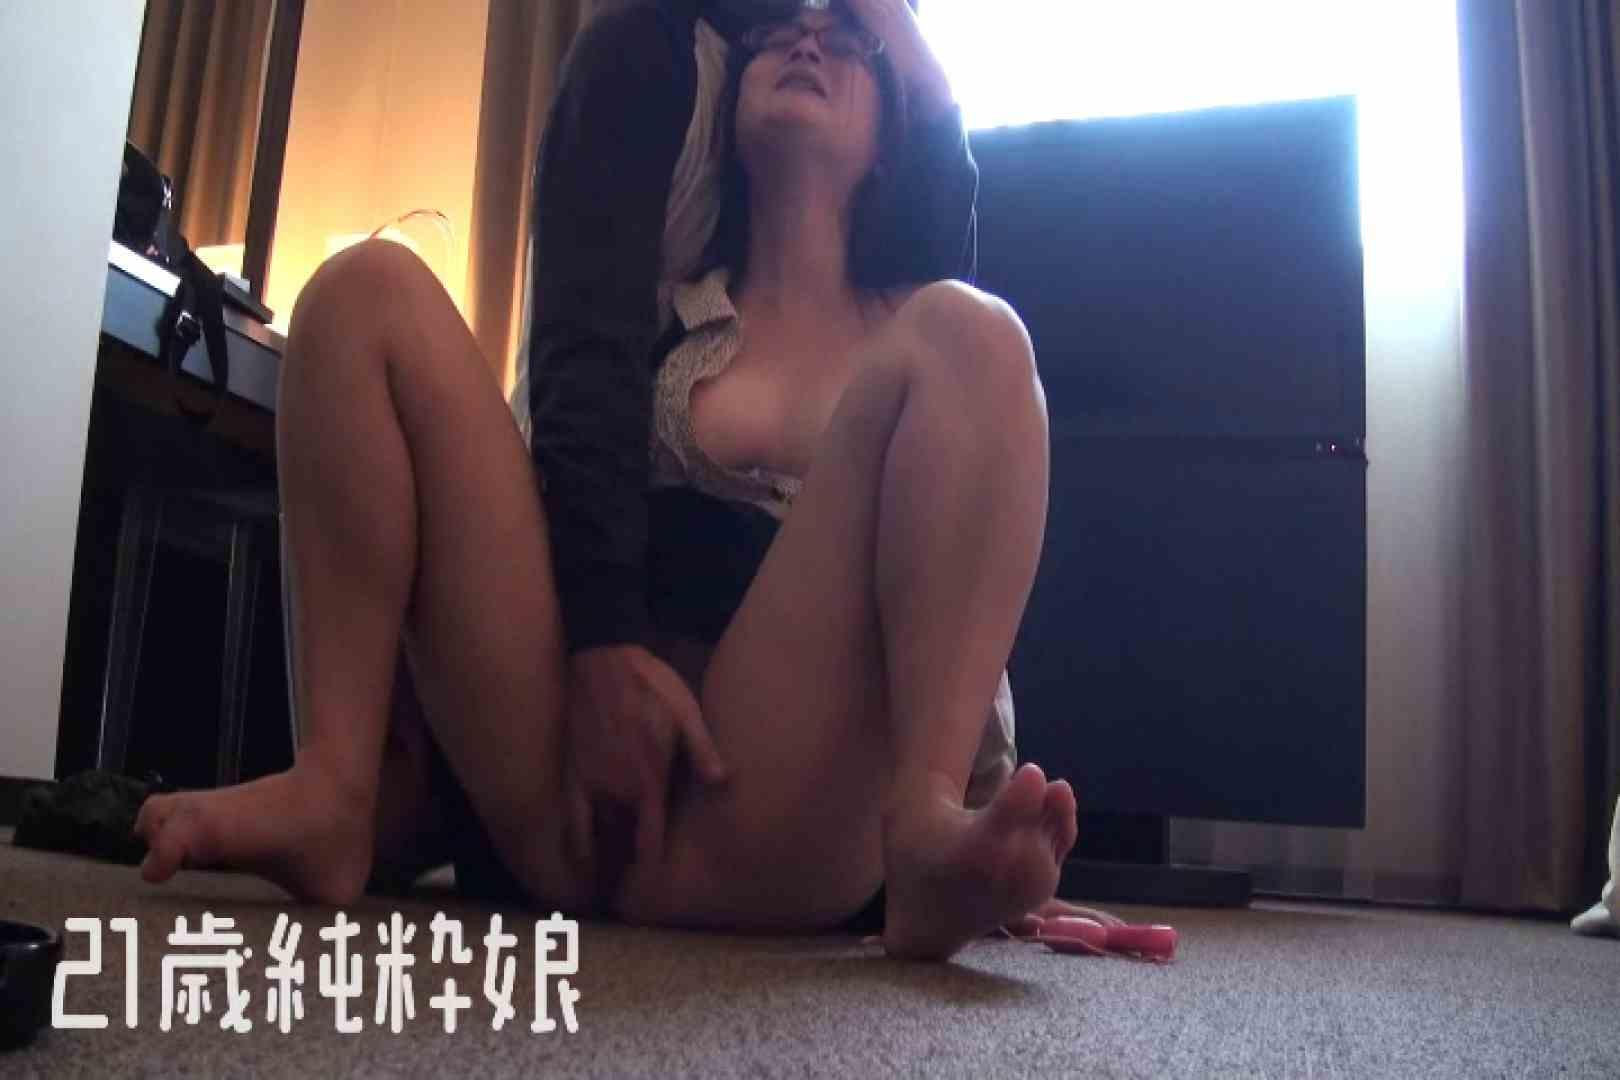 Gカップ21歳純粋嬢第2弾Vol.3 学校潜入  53PIX 20